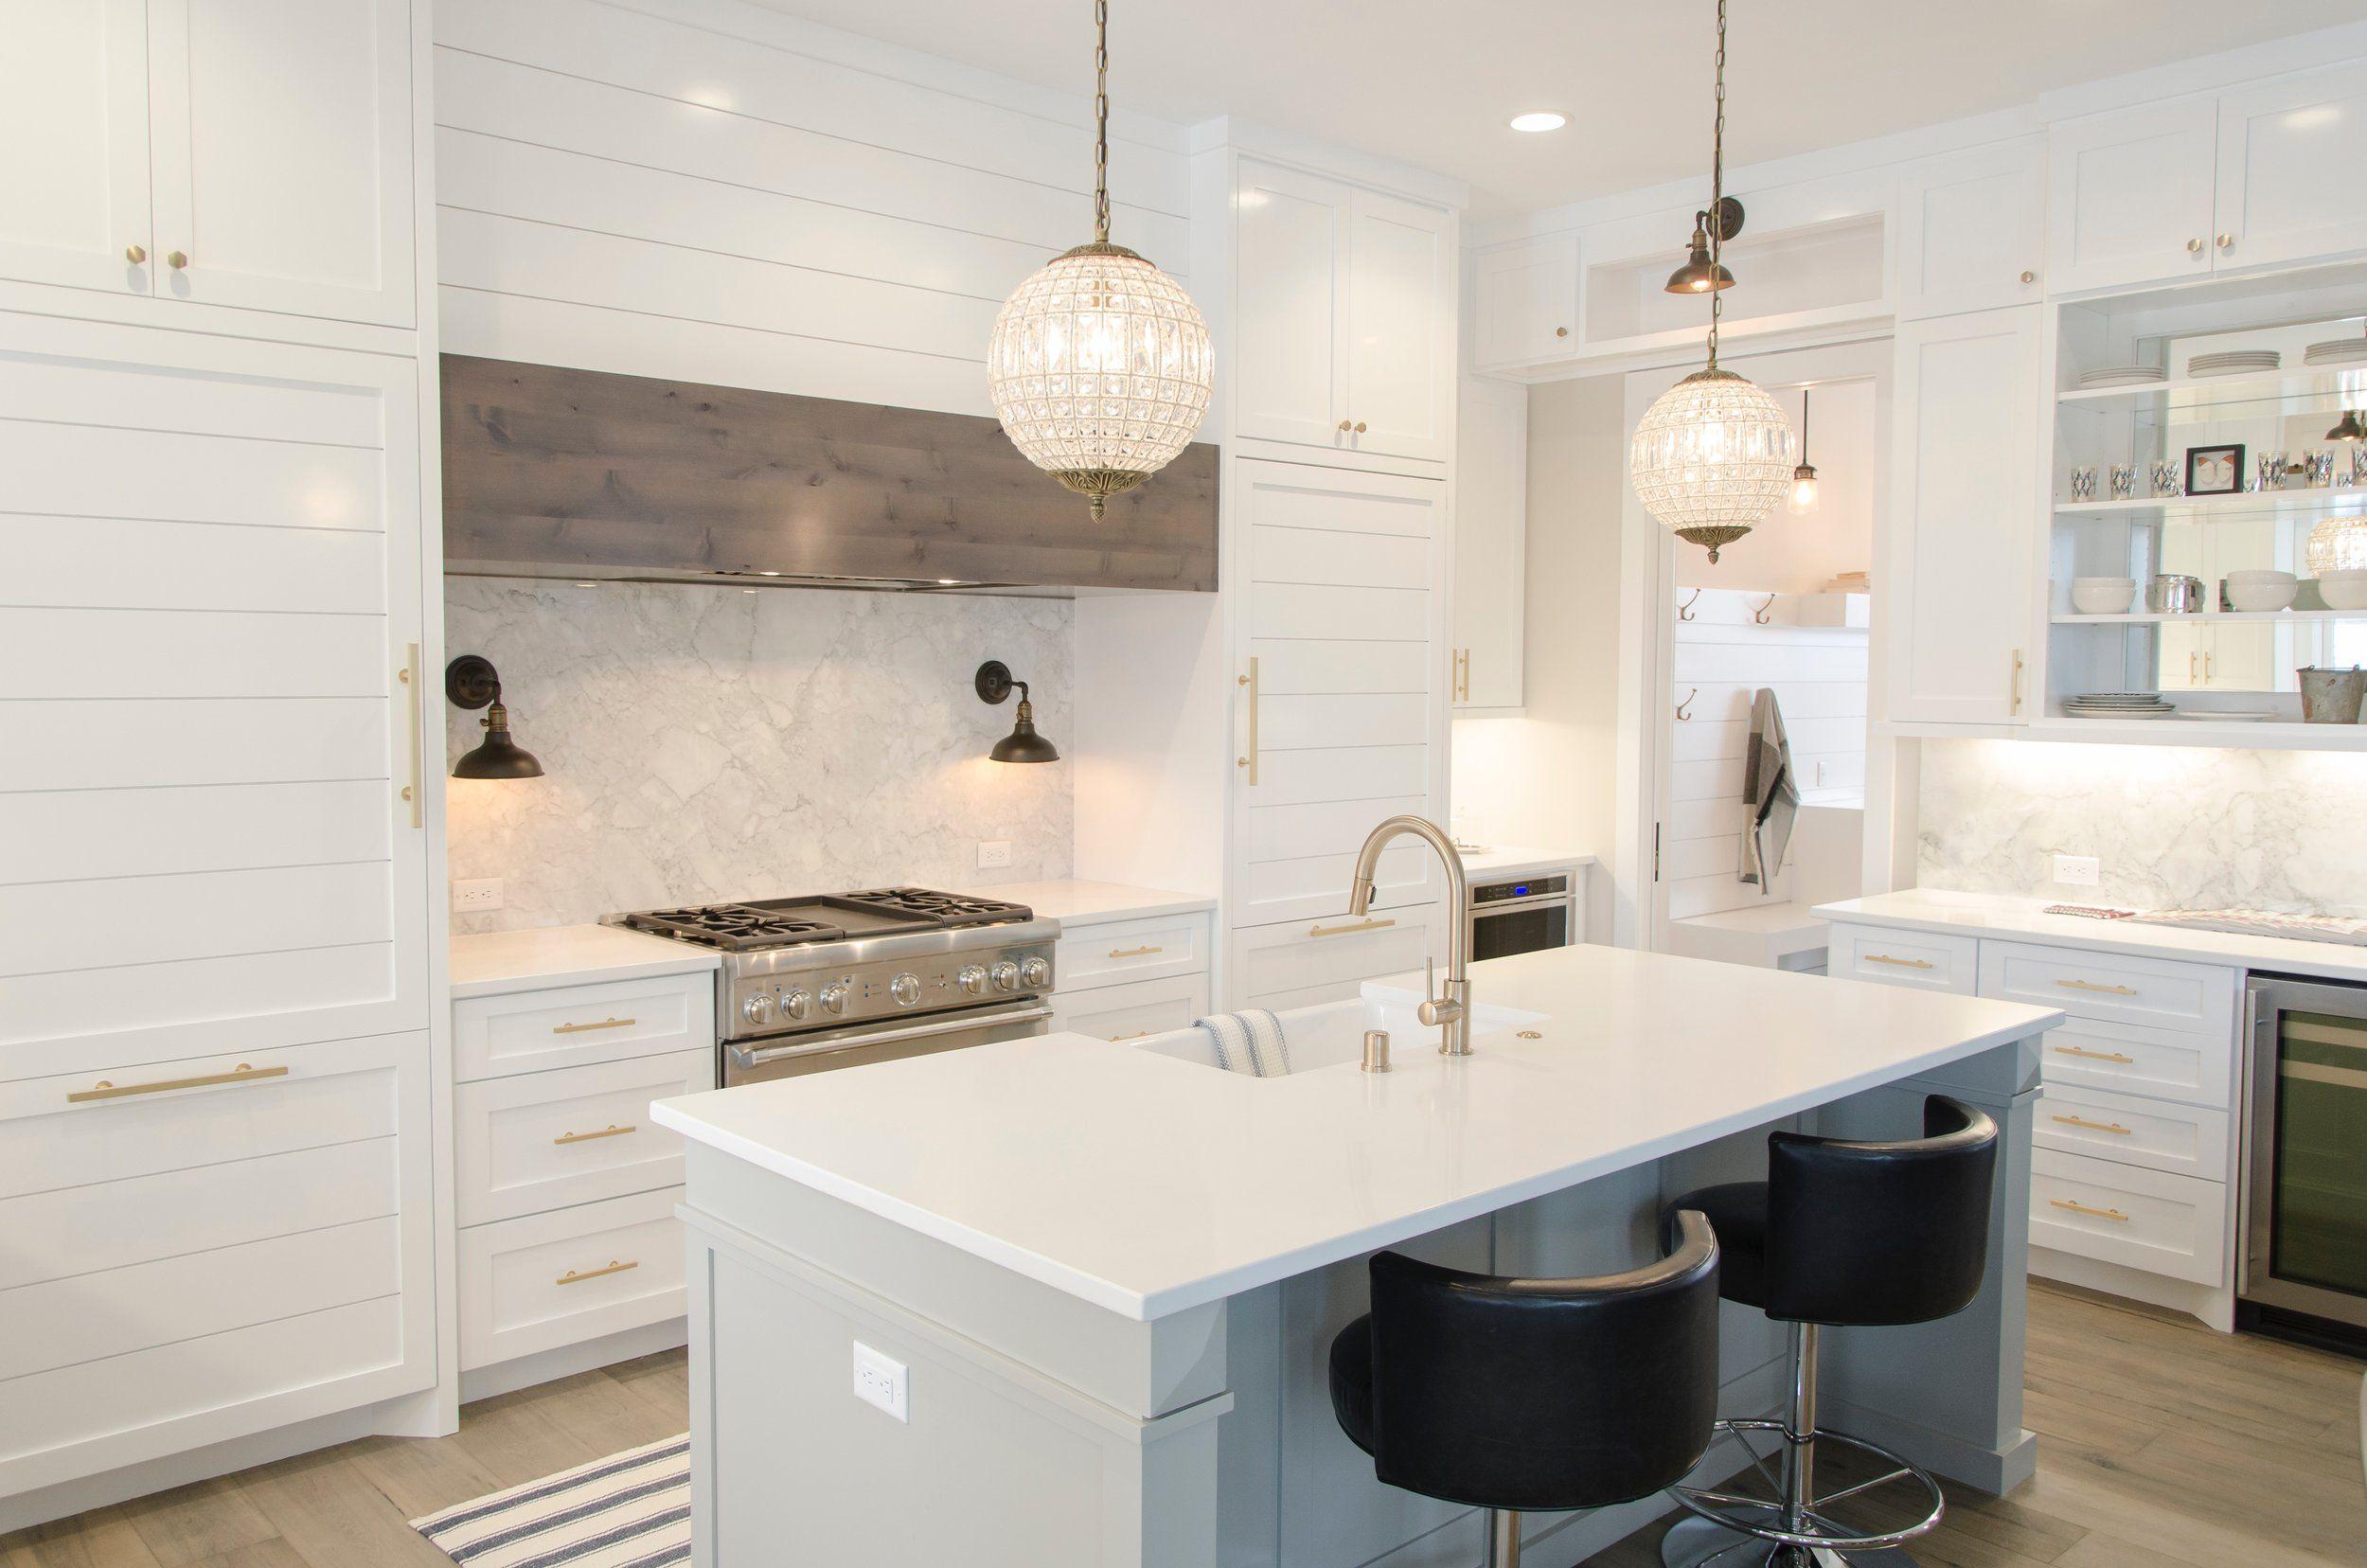 Tulsa Cabinets Llc In 2020 Kitchen Design Trends Kitchen Remodel Small Modern Kitchen Design